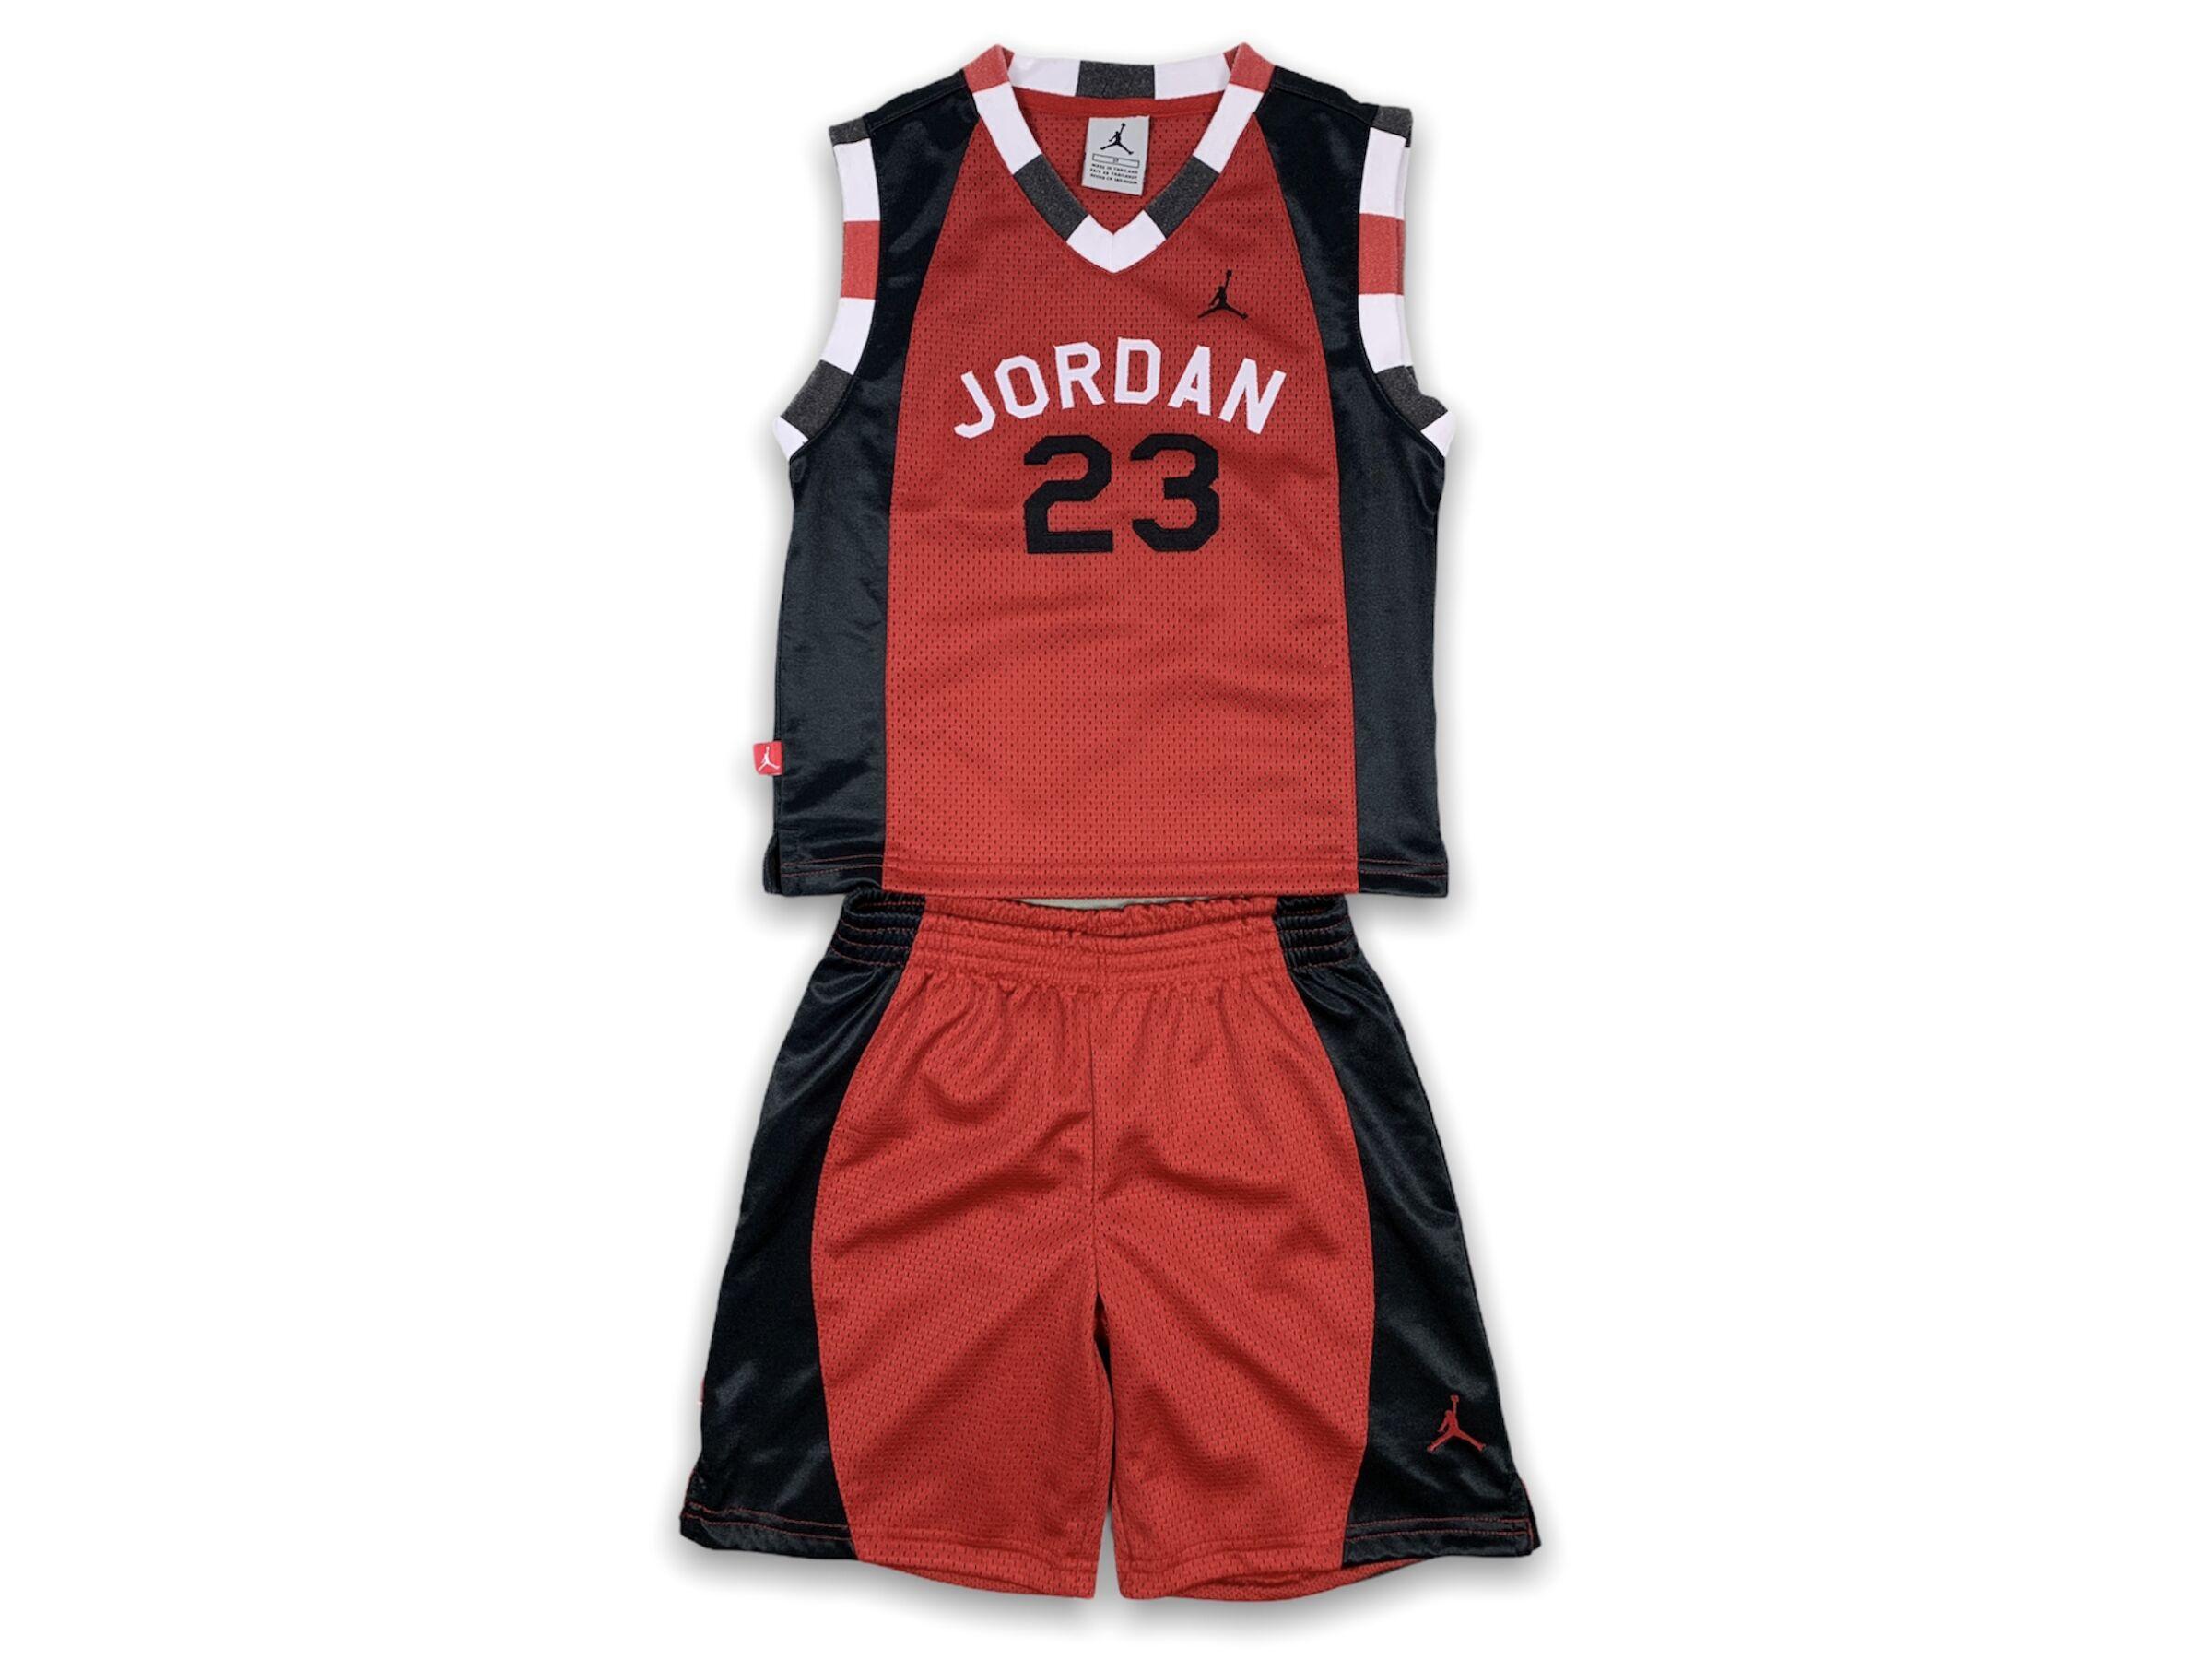 Jordan szett ( 3-4 év)